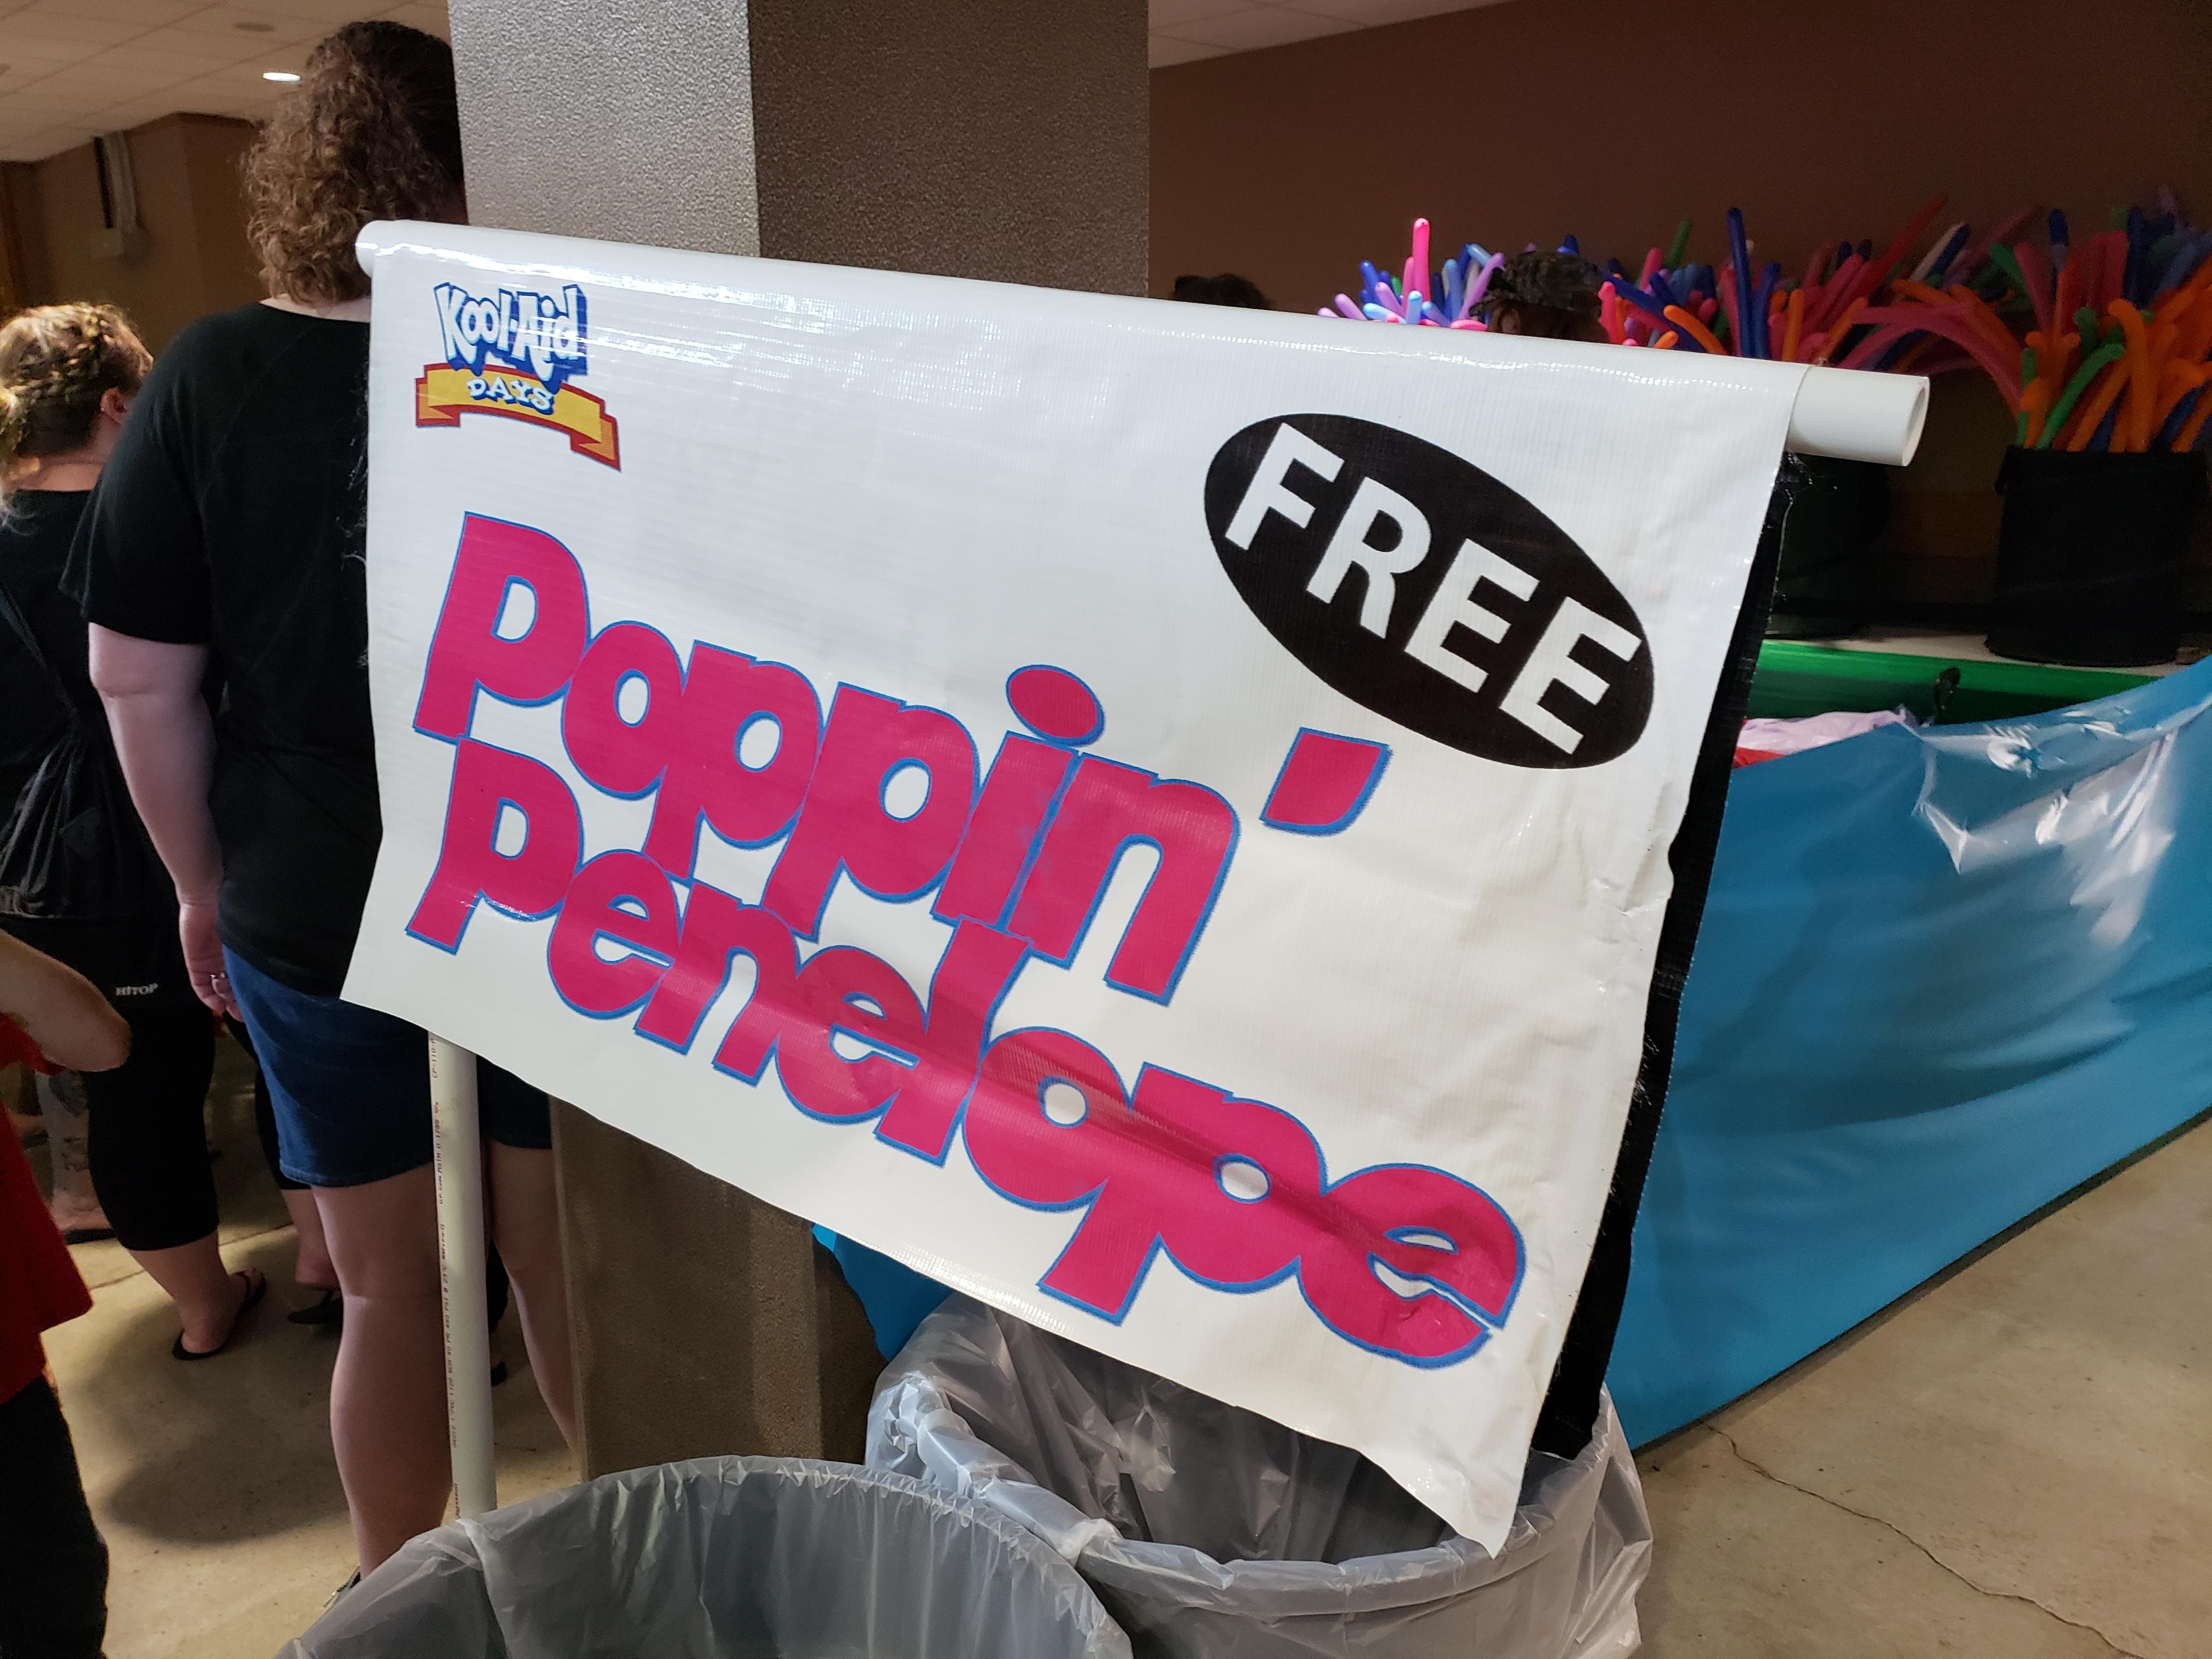 FREE Poppin' Penelope!